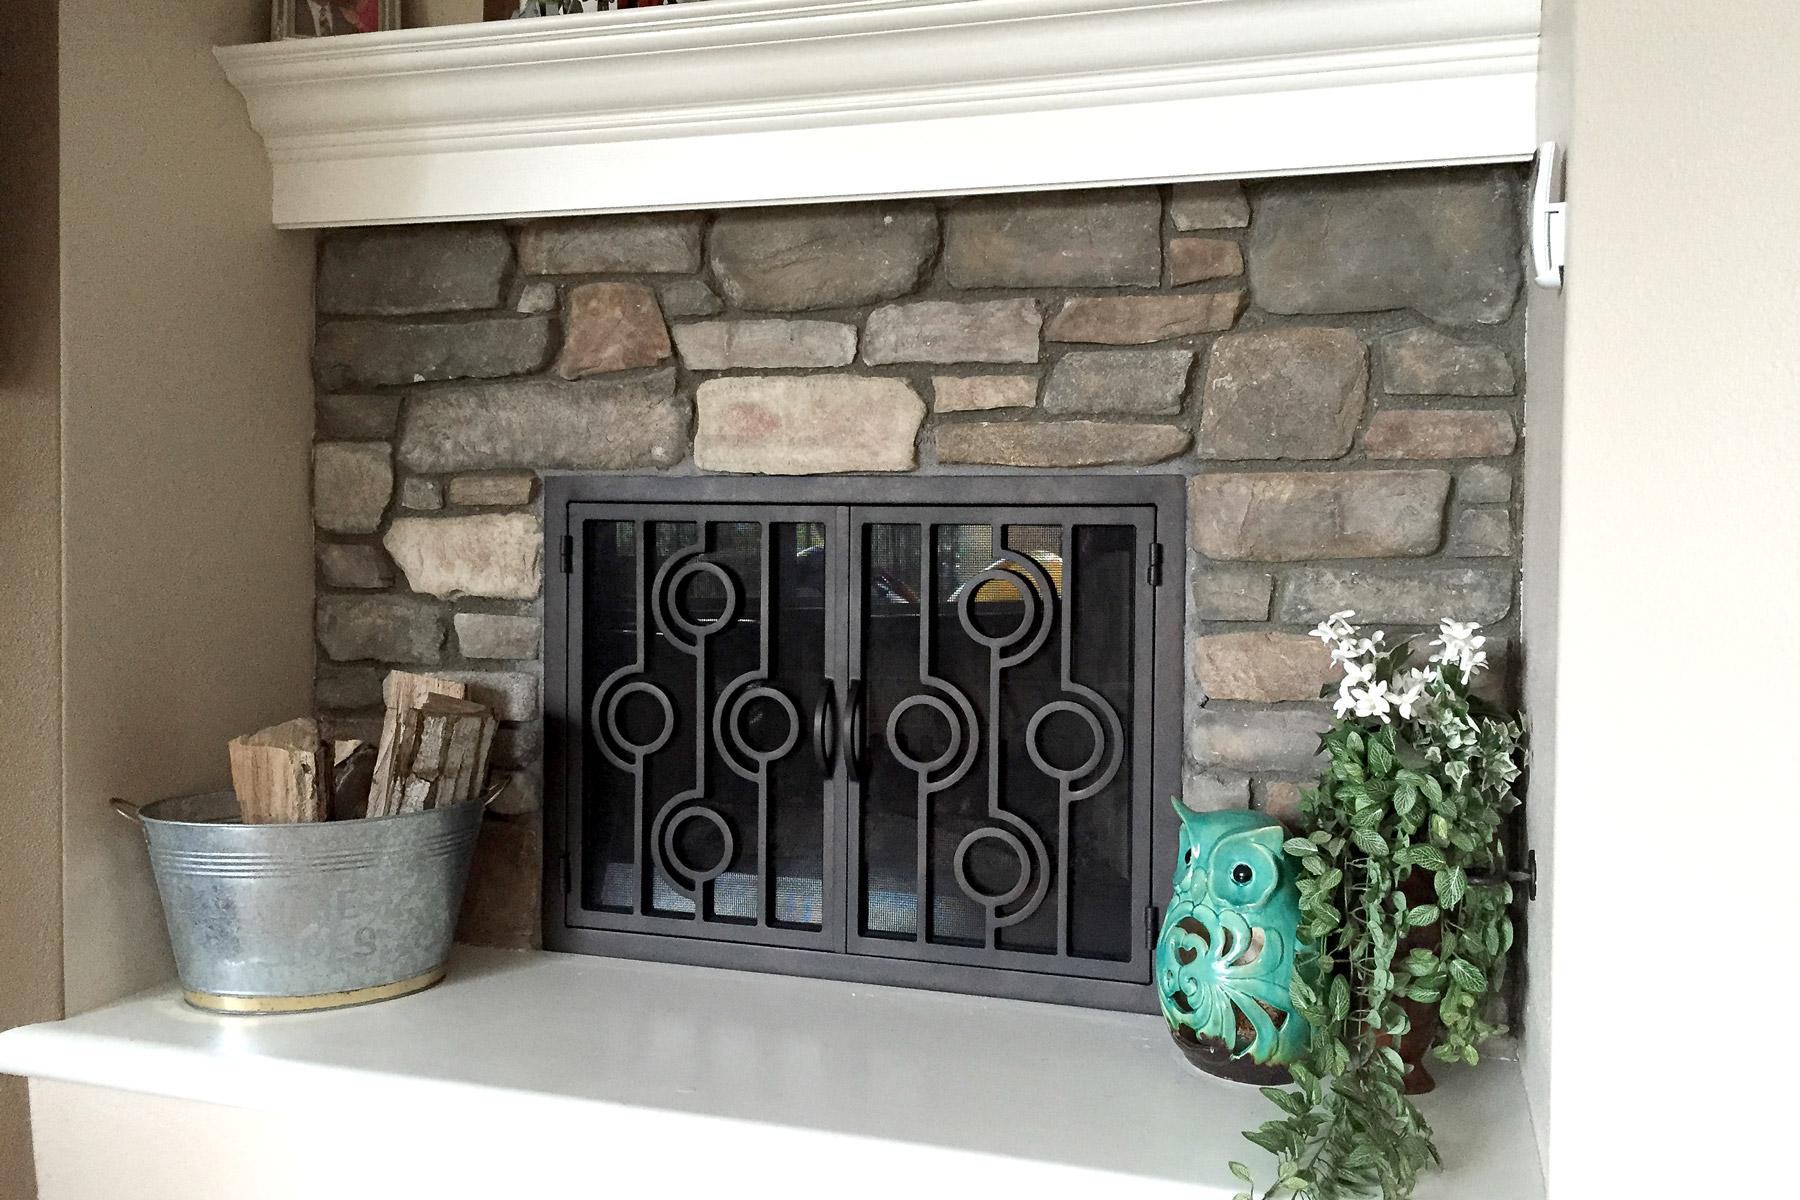 Cenote 39 Fireplace Door